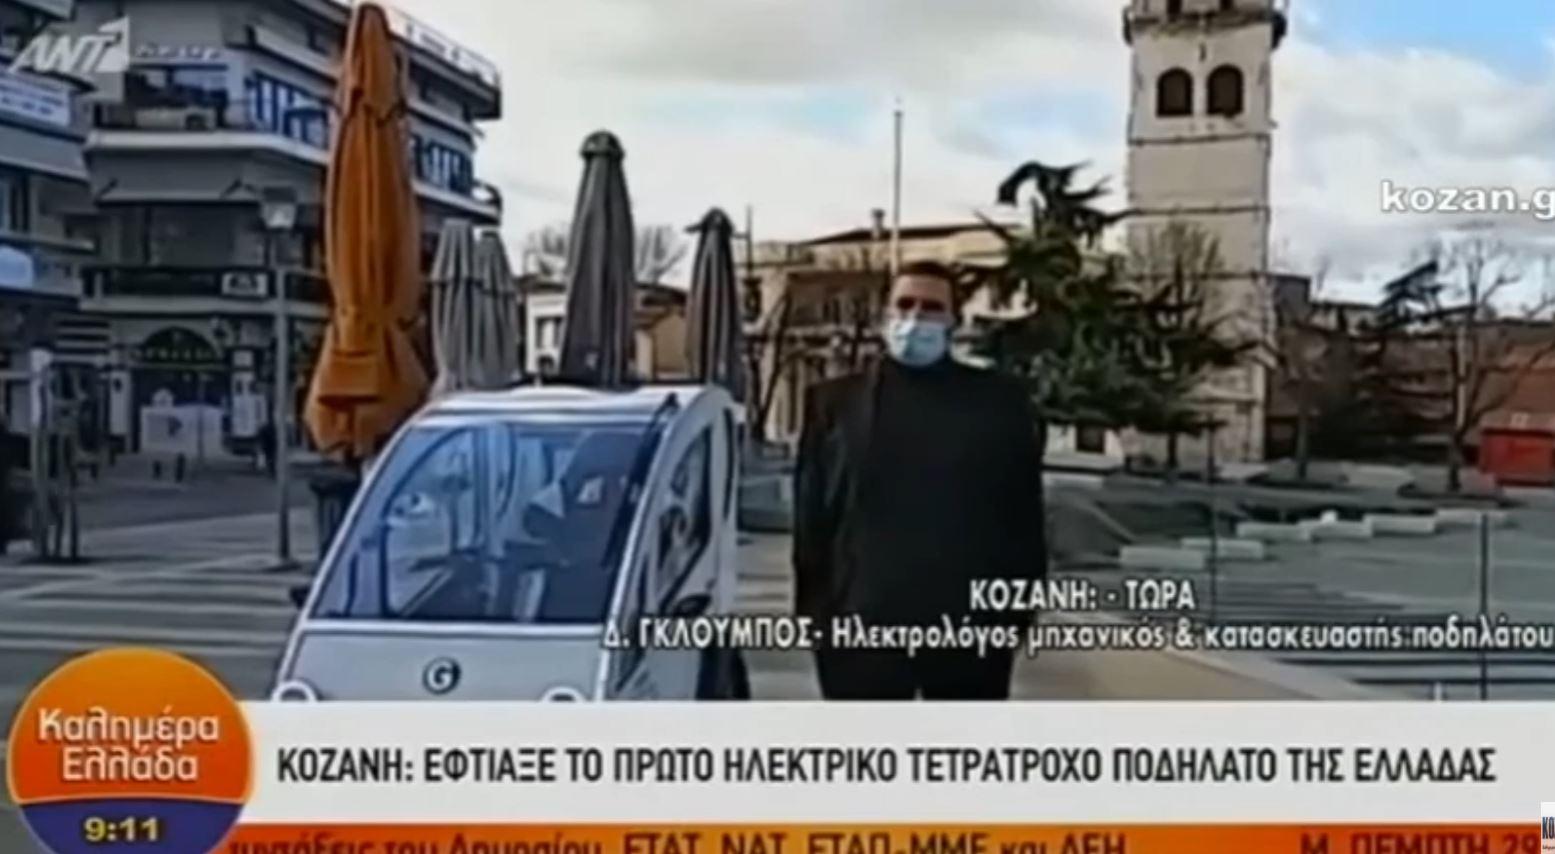 """kozan.gr: Ο συμπολίτης μας από την Κοζάνη, Δ. Γκλούμπος, μίλησε στη σημερινή πρωινή εκπομπή """"Καλημέρα Ελλάδα"""" στον ΑΝΤ1 σε σχέση με το πρώτο ηλεκτρικό τετράτροχο ποδήλατο της Ελλάδας που κατασκευάστηκε εξ ολοκλήρου στην Κοζάνη (Βίντεο)"""